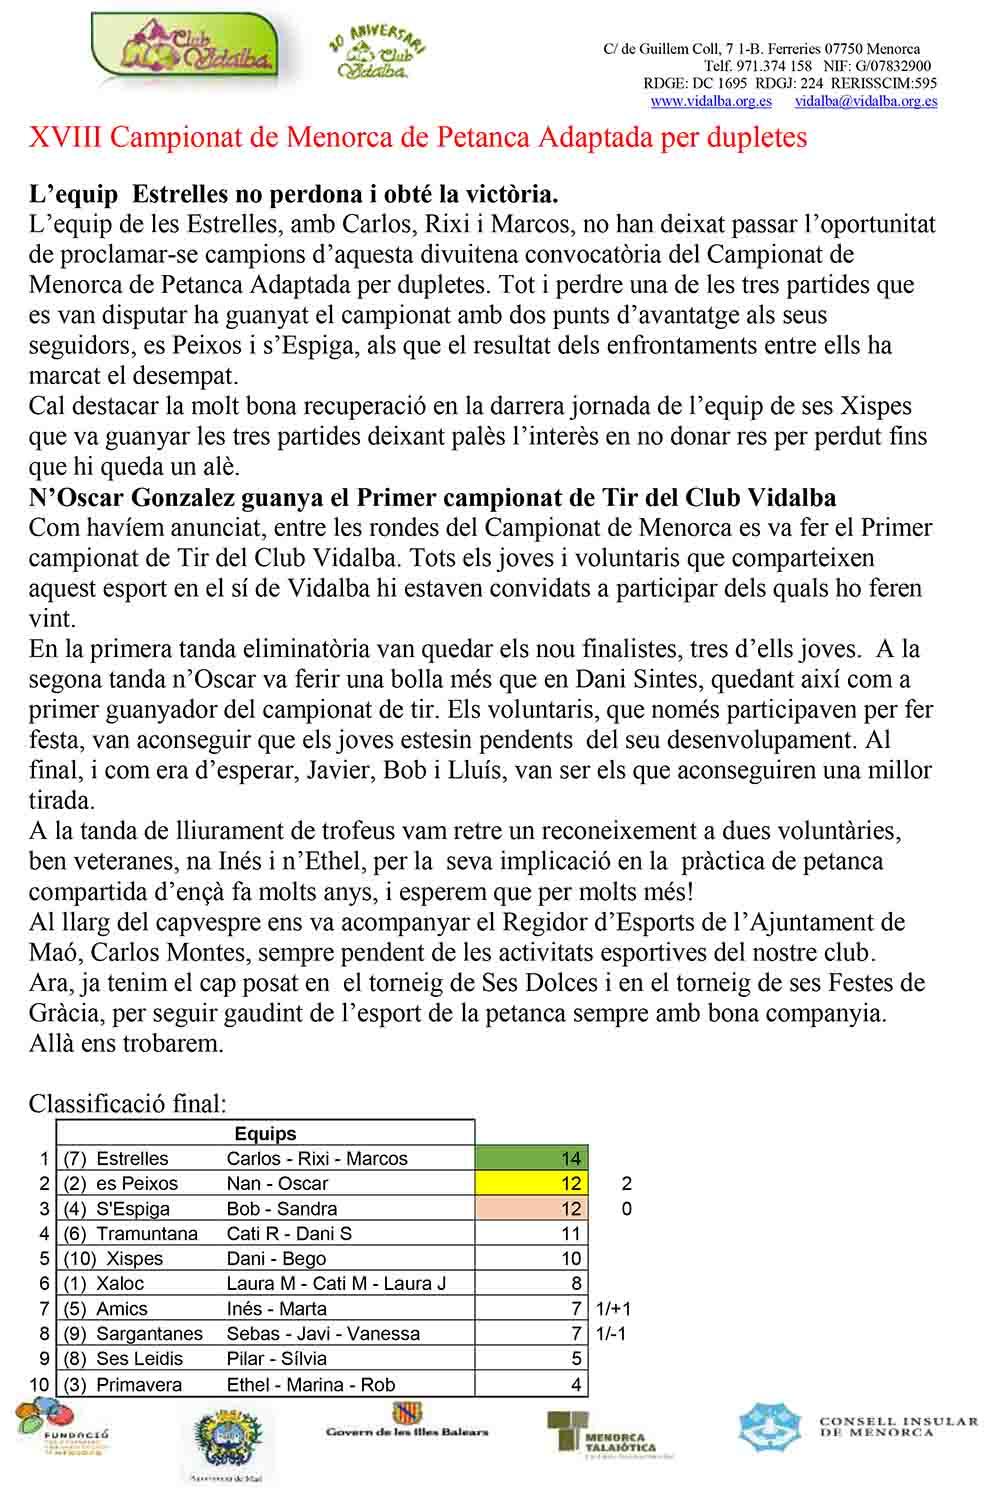 Finals XVIII Campionat de petanca adaptada